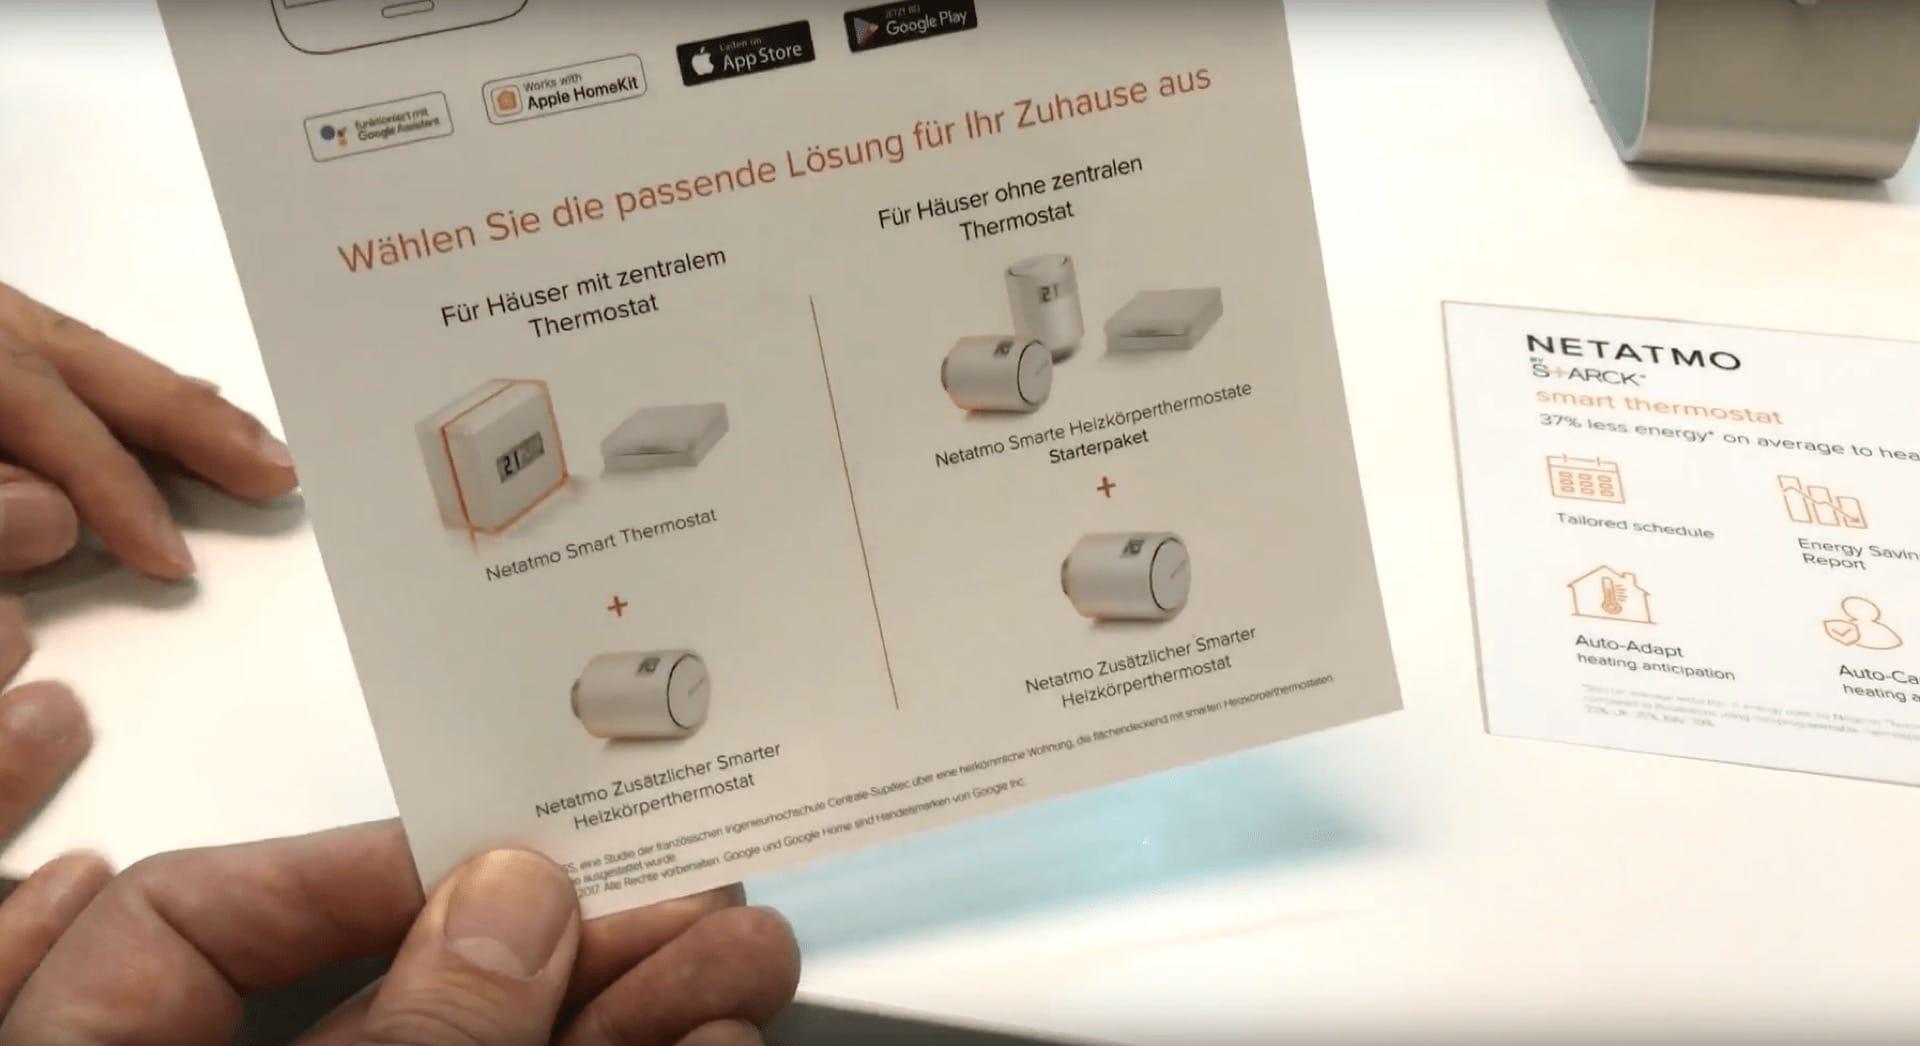 Bei Häusern mit zentralem Thermostat ersetzt das Netatmo Smart Thermostat das vorhandene Thermostat. Bei Häusern ohne zentrales Thermostat sind nur smarte Heizkörperthermostate und das Relay als Zentrale notwendig.